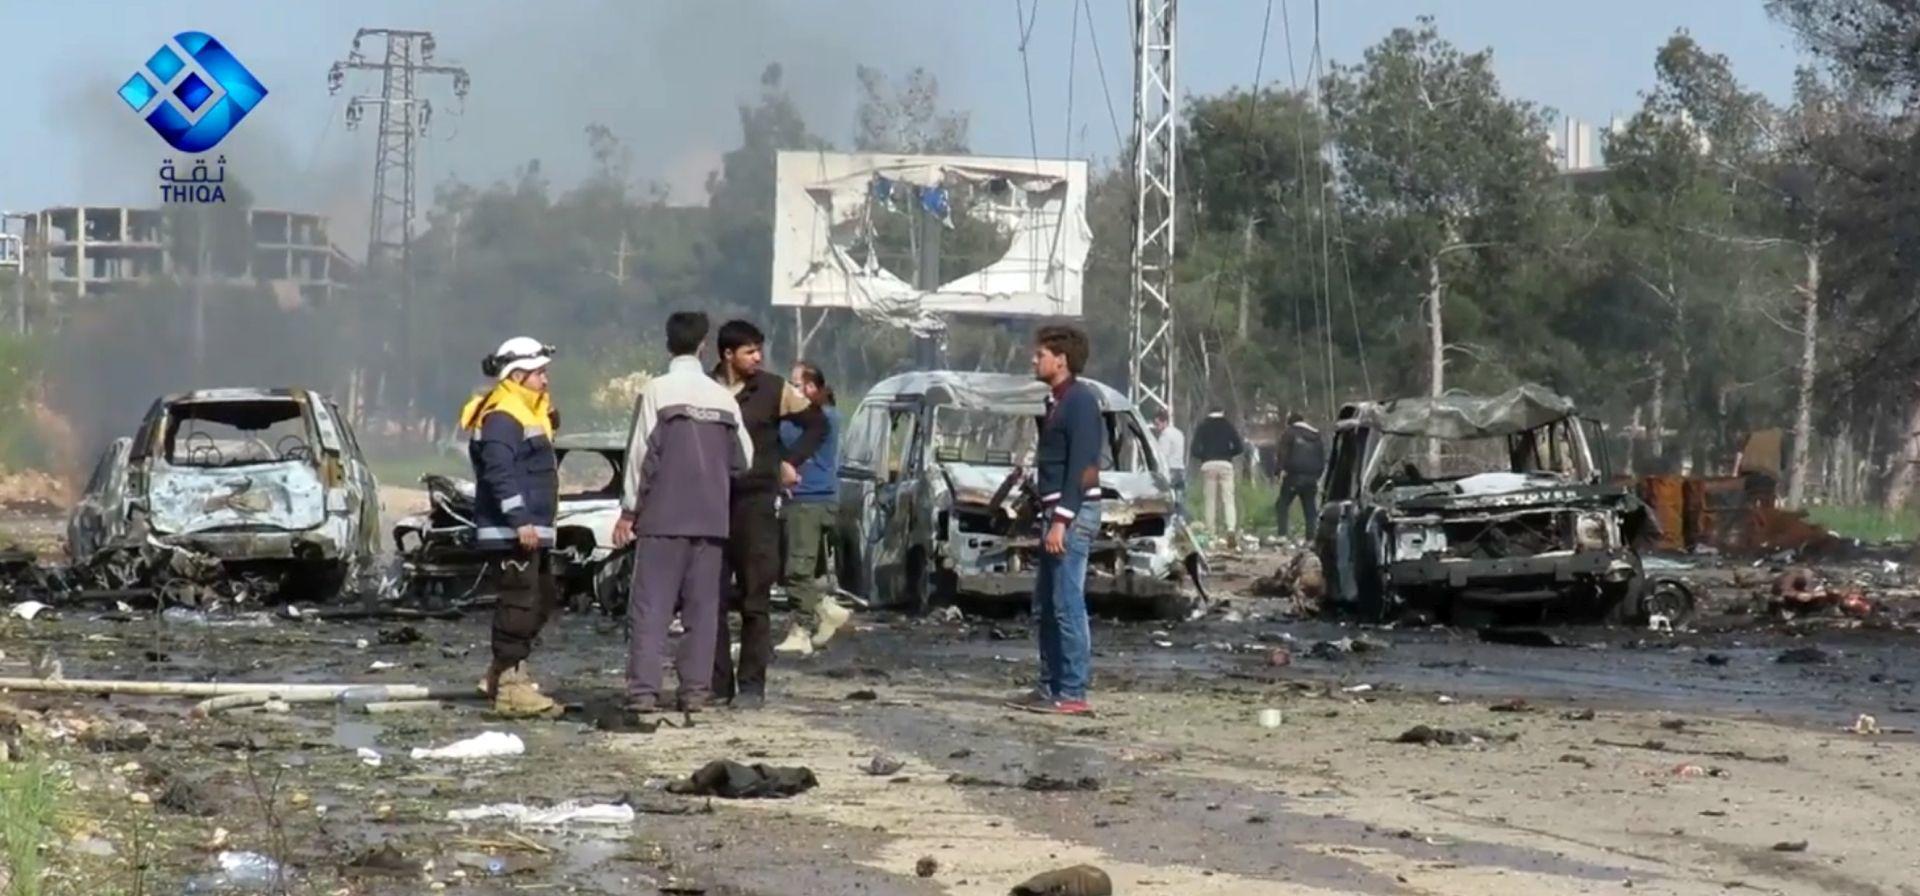 Uskoro radna skupina UN-a za zločine u Siriji